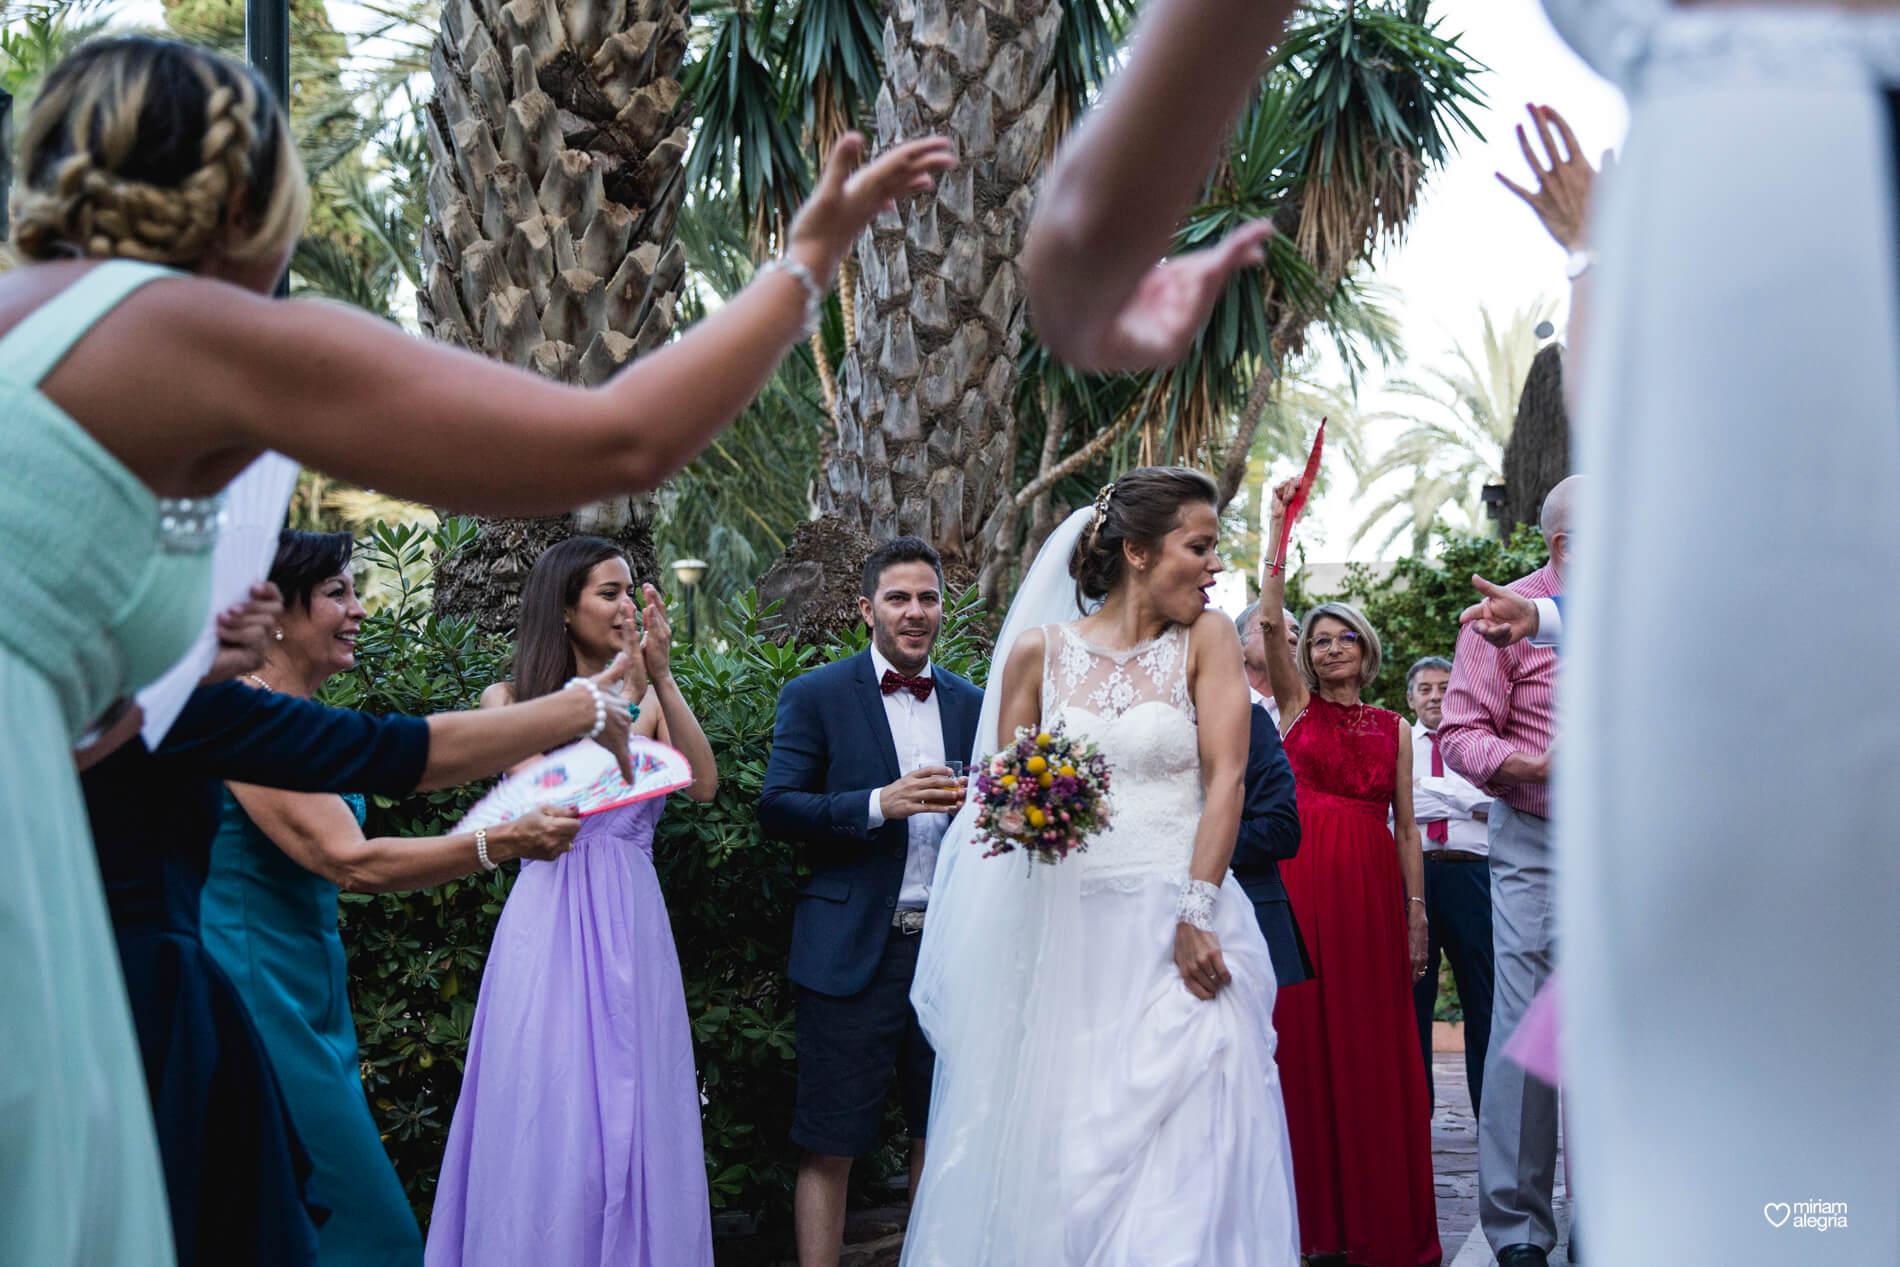 wedding-huerto-del-cura-elche-miriam-alegria-fotografos-boda-60